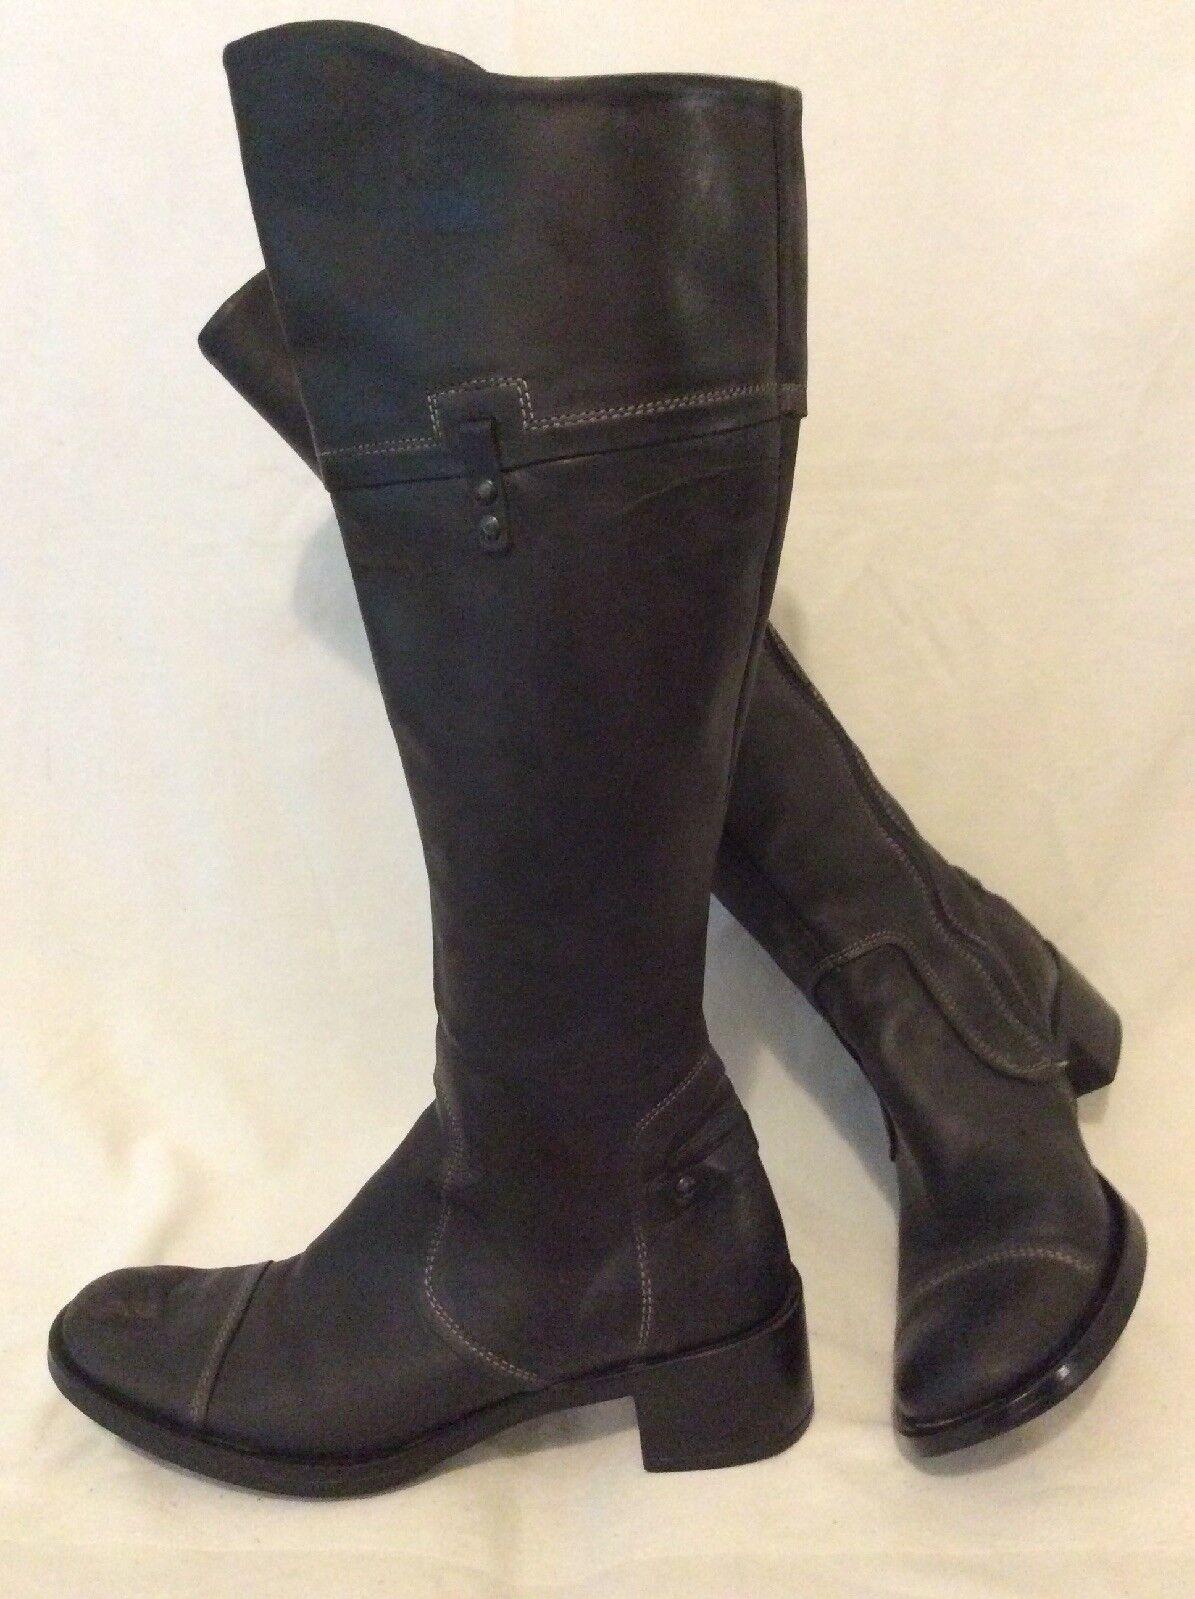 TREMP noir Hautes bottes en cuir Taille 36